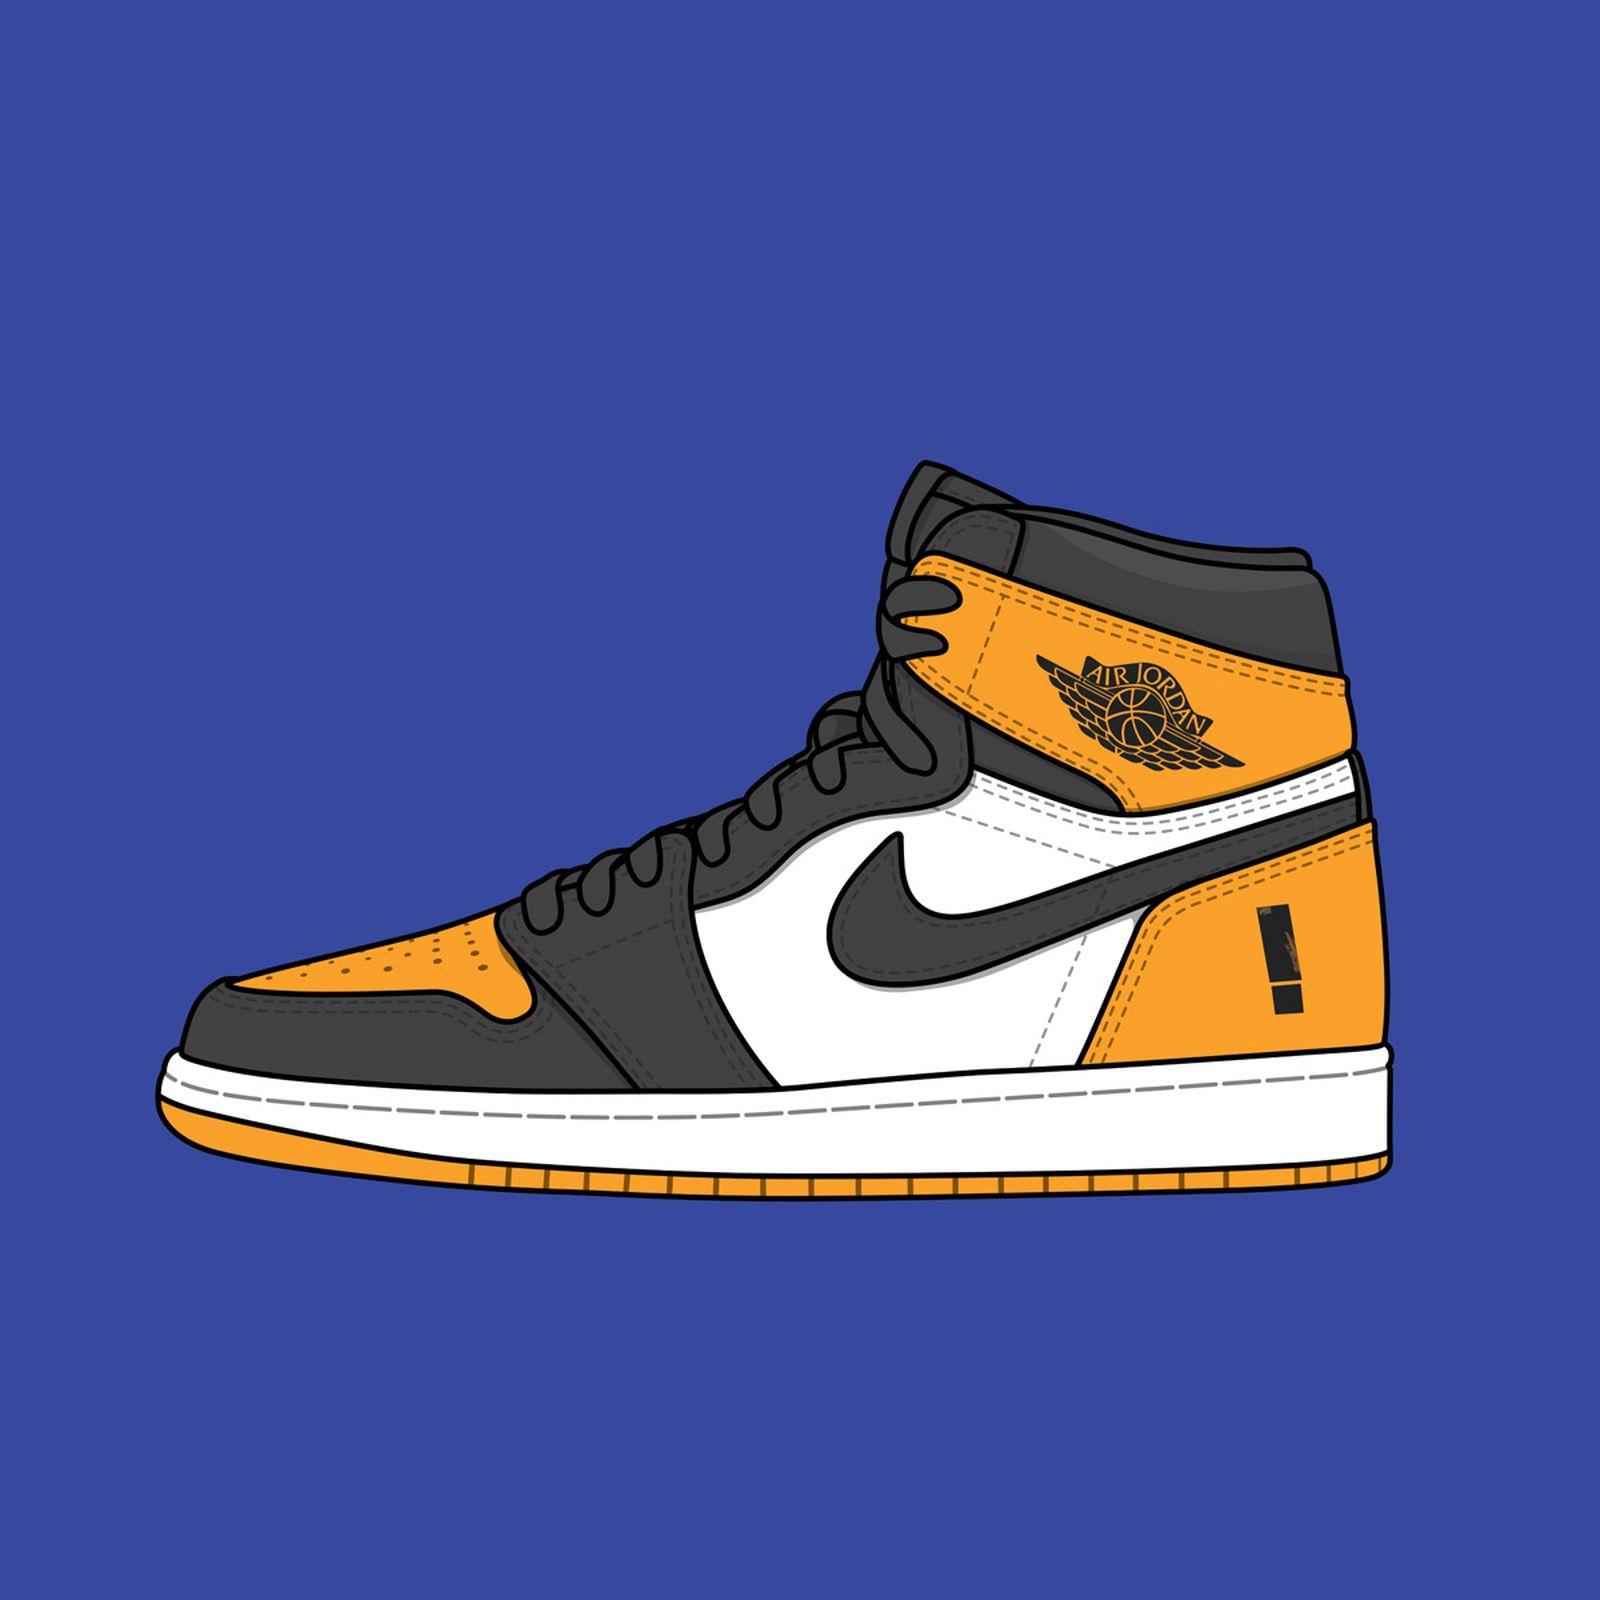 jordan 1 resell value prices Air Jordan Nike jordan brand